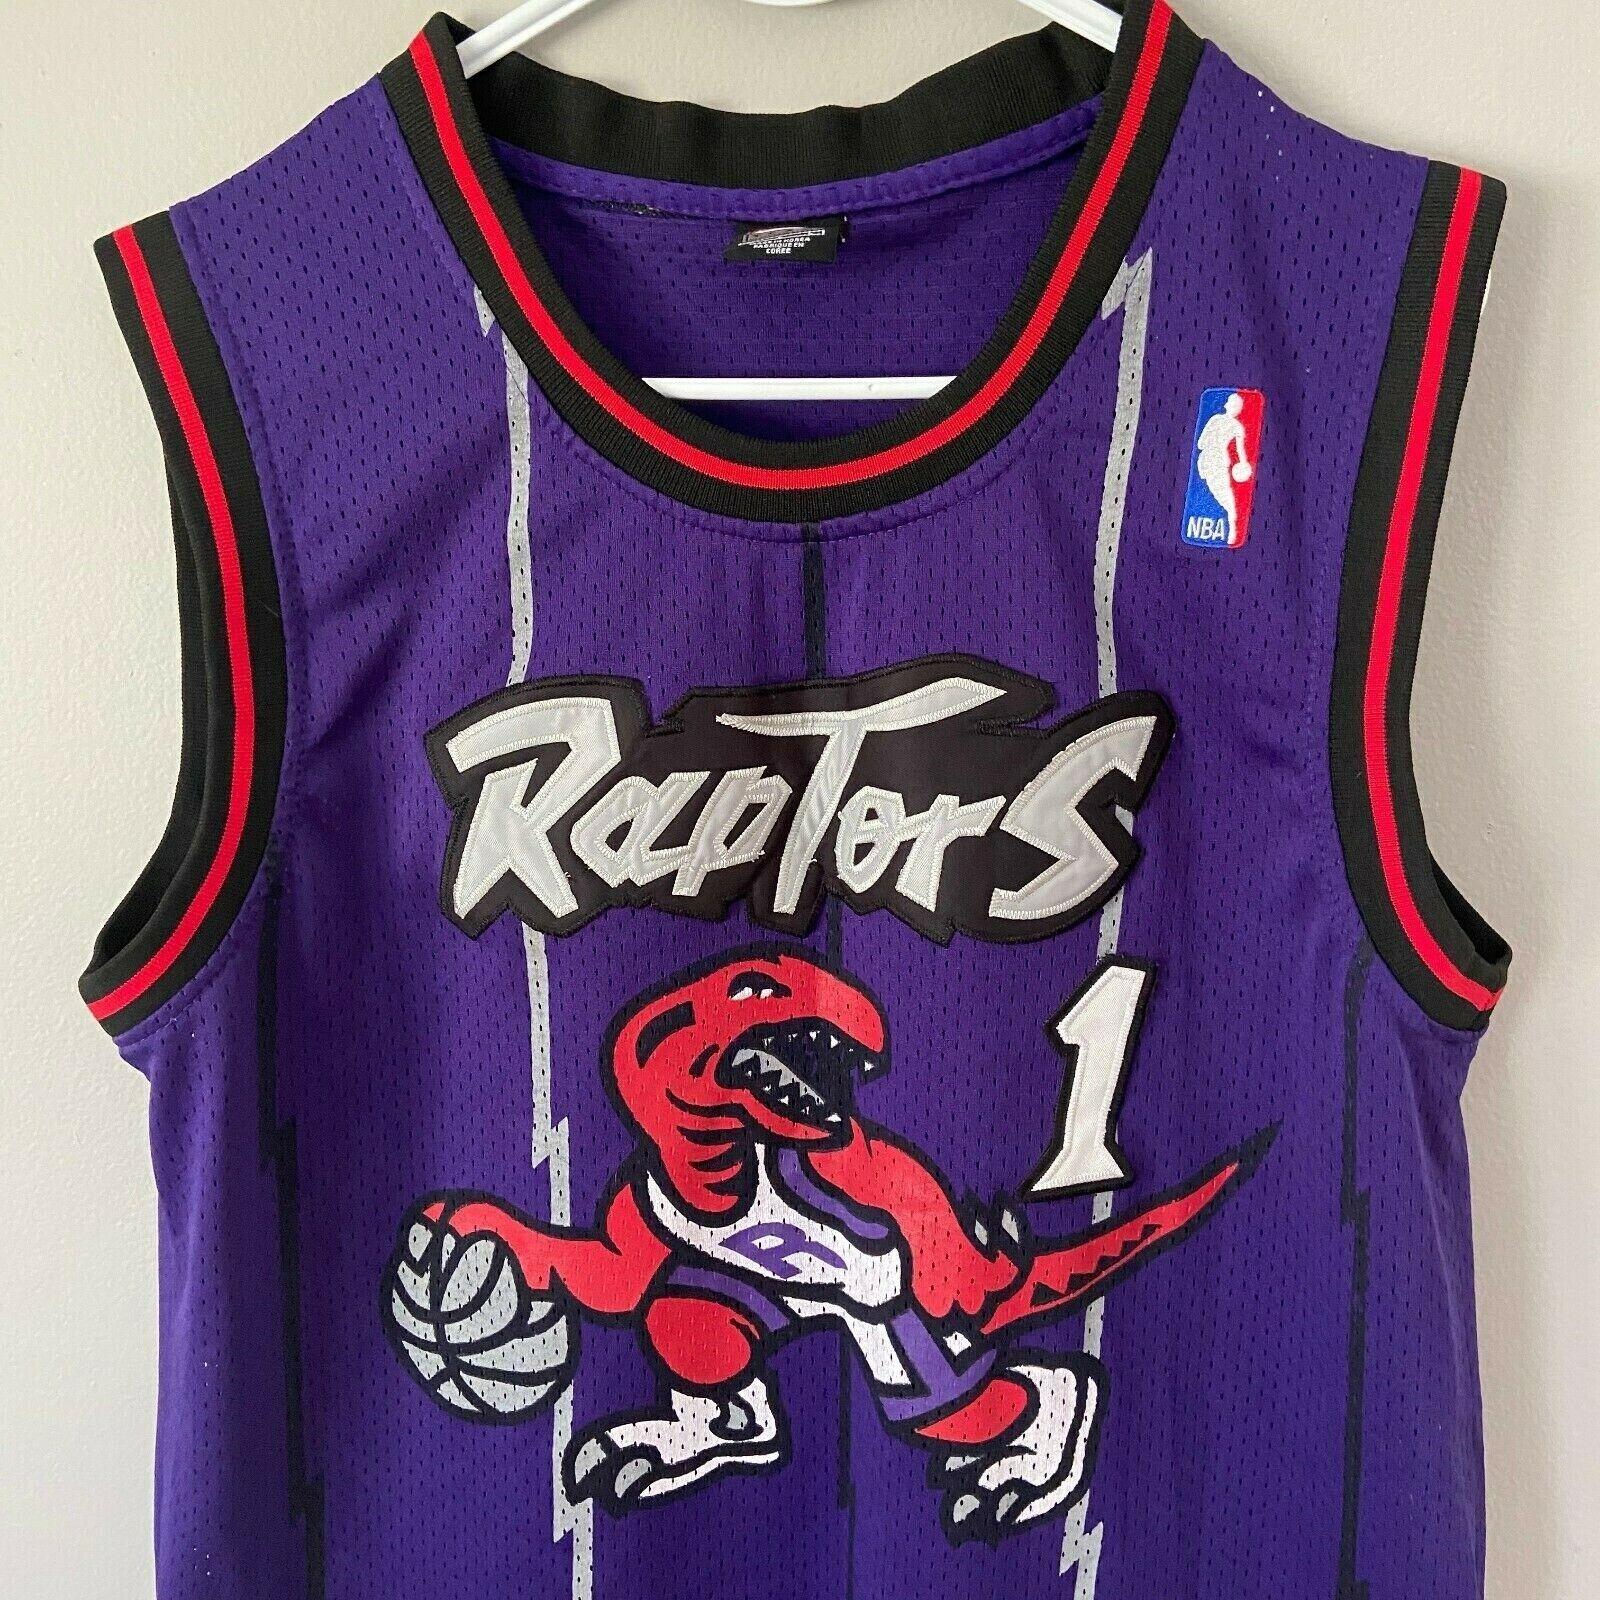 Tracy McGrady Toronto Raptors NBA Basketball Stitched Jersey